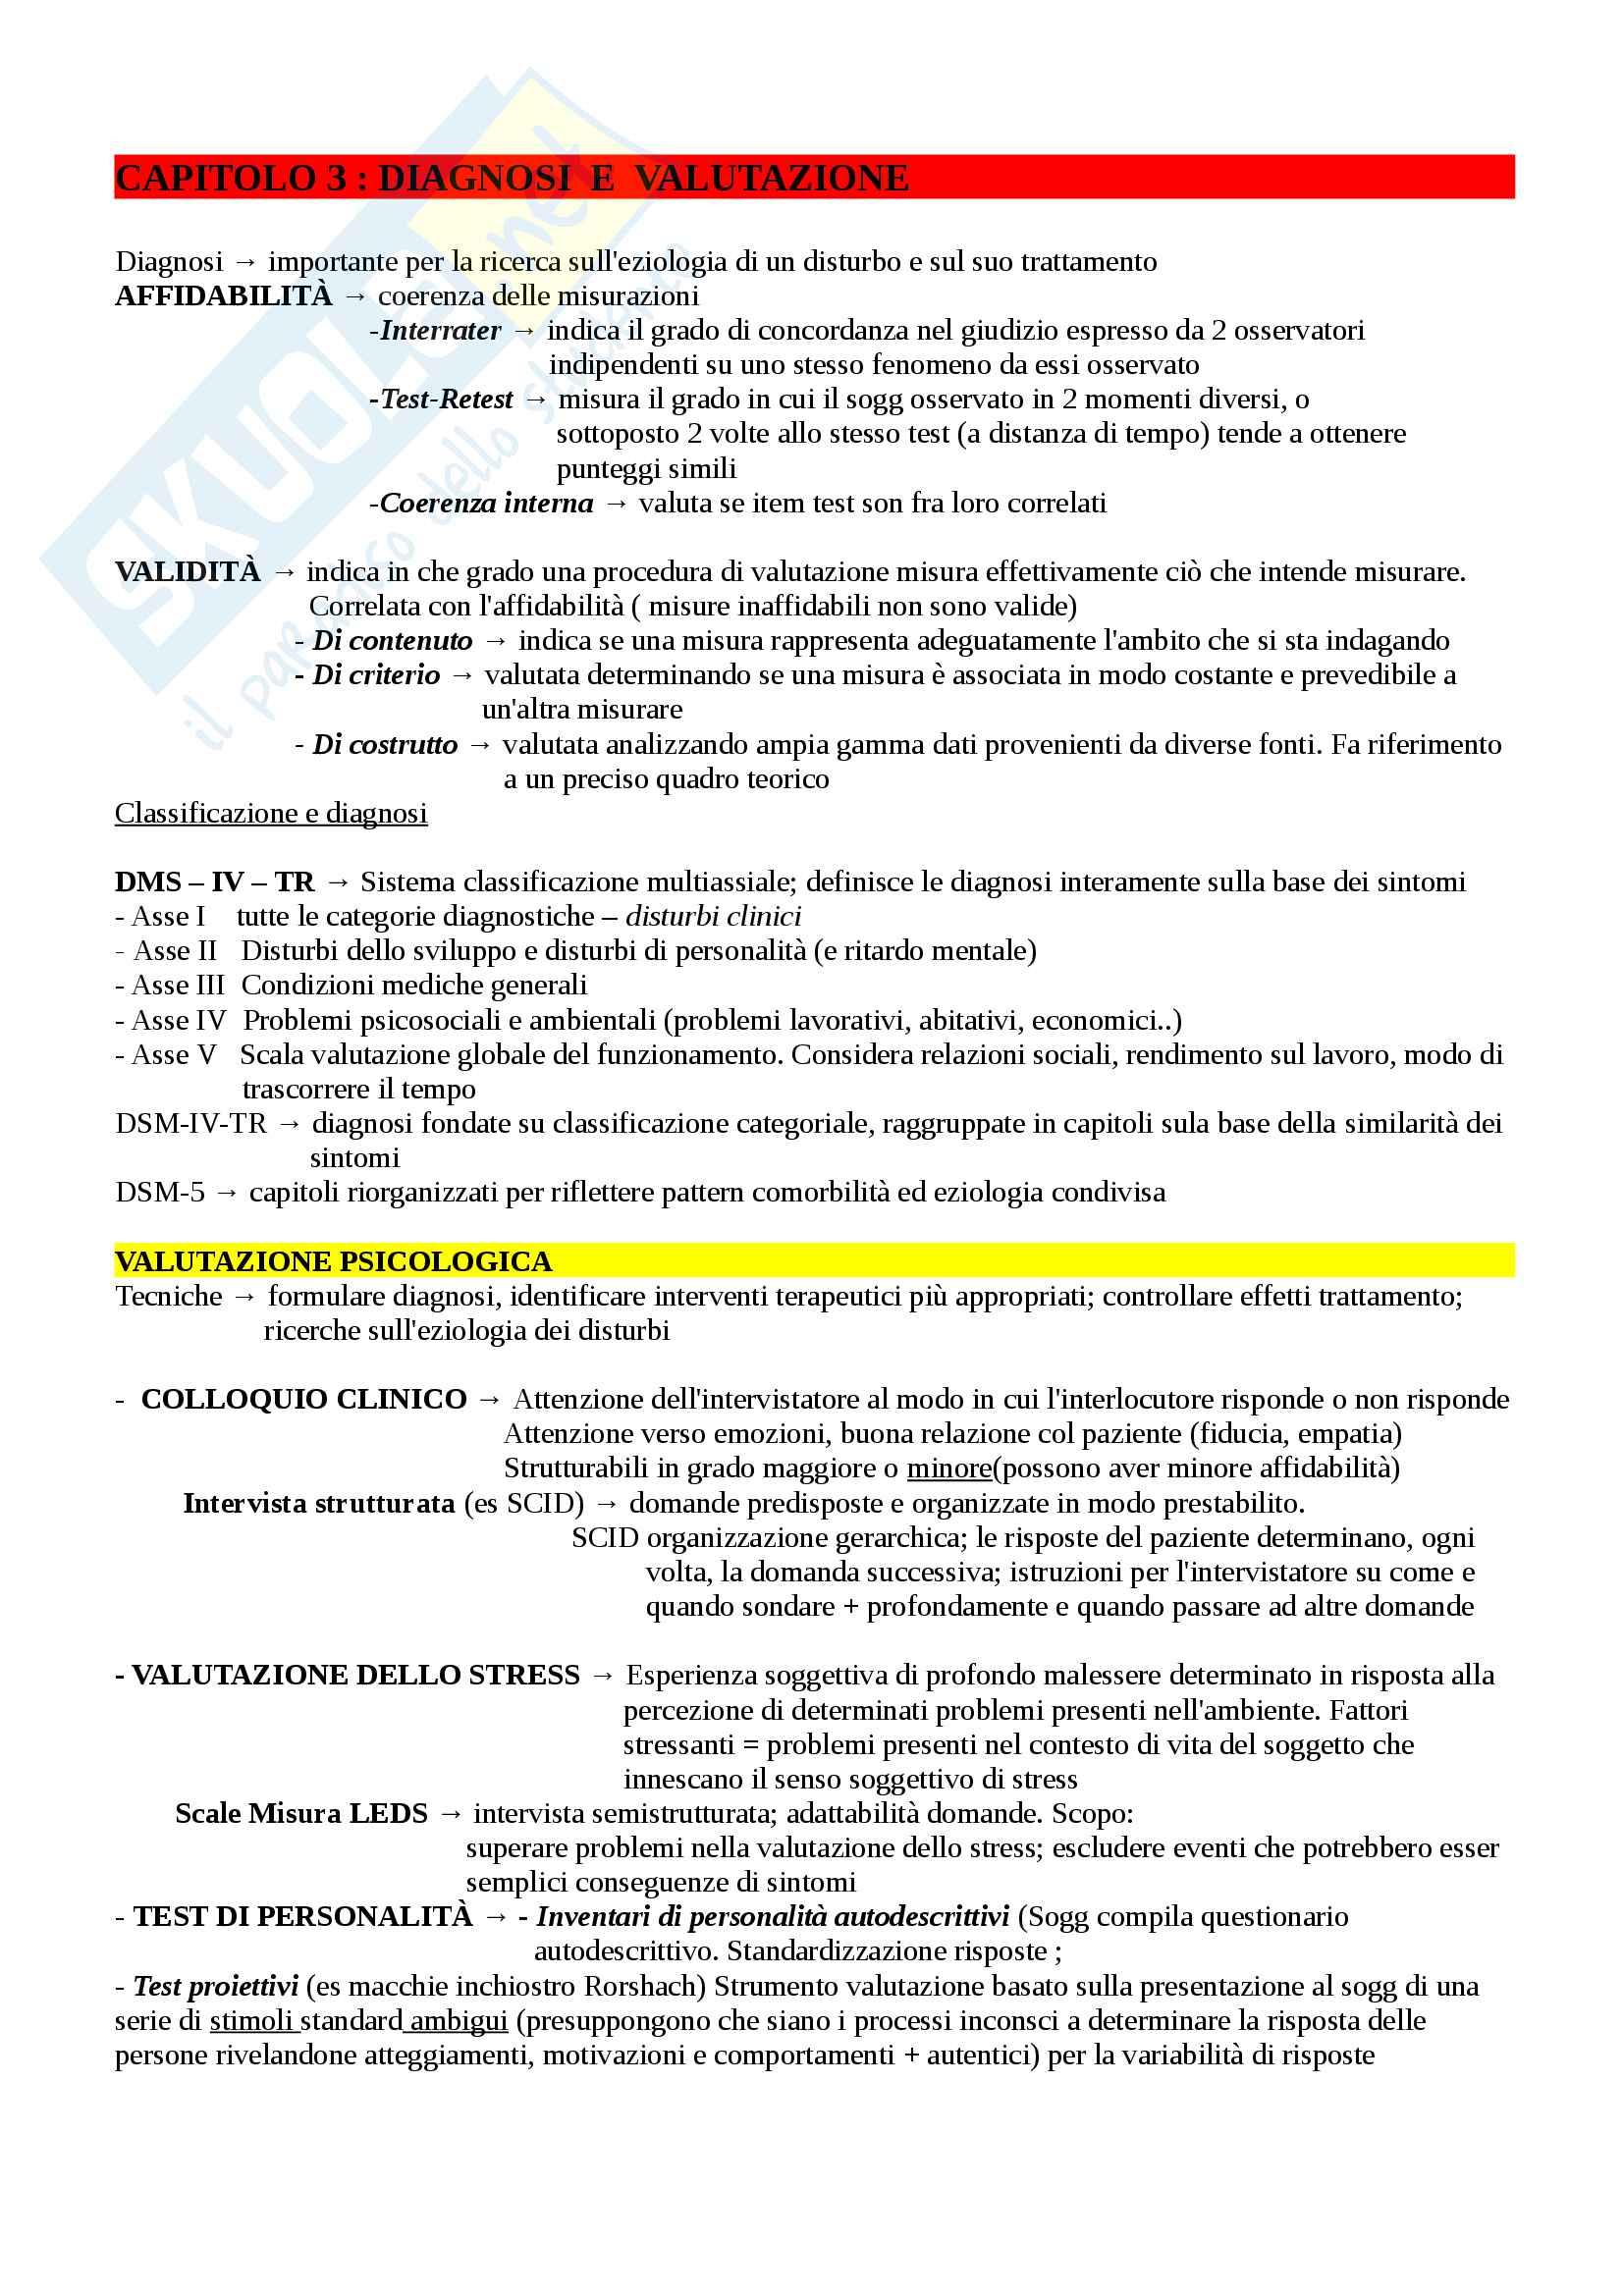 Riassunto esame Psicologia clinica, prof Sica, Manuale  di psicologia clinica